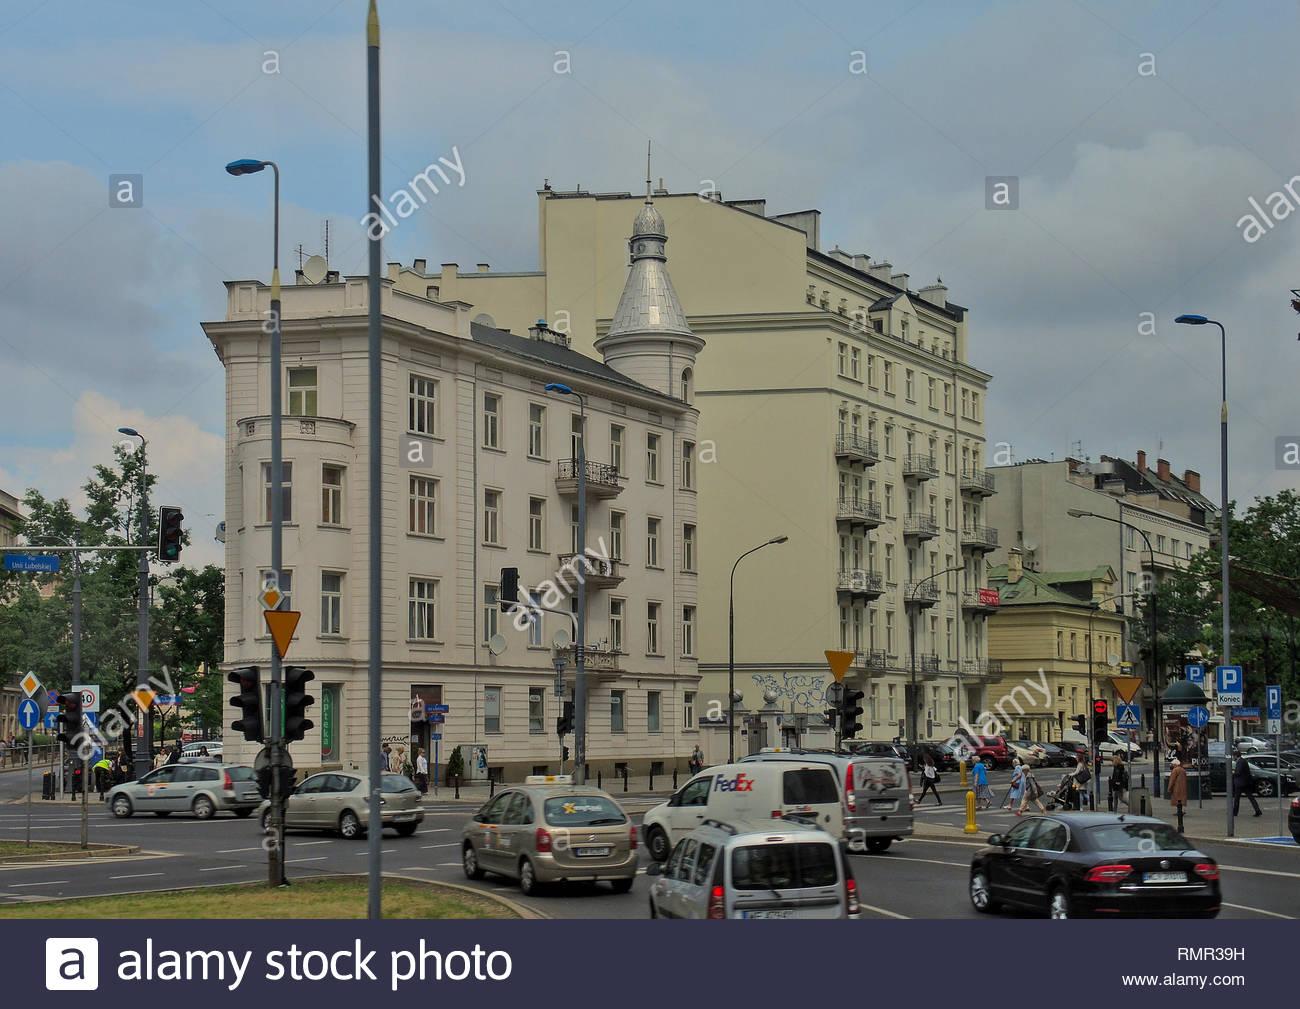 Reiten in einem Kreisverkehr vorbei an historischen Gebäuden in der Innenstadt von Warschau, Polen. Stockbild